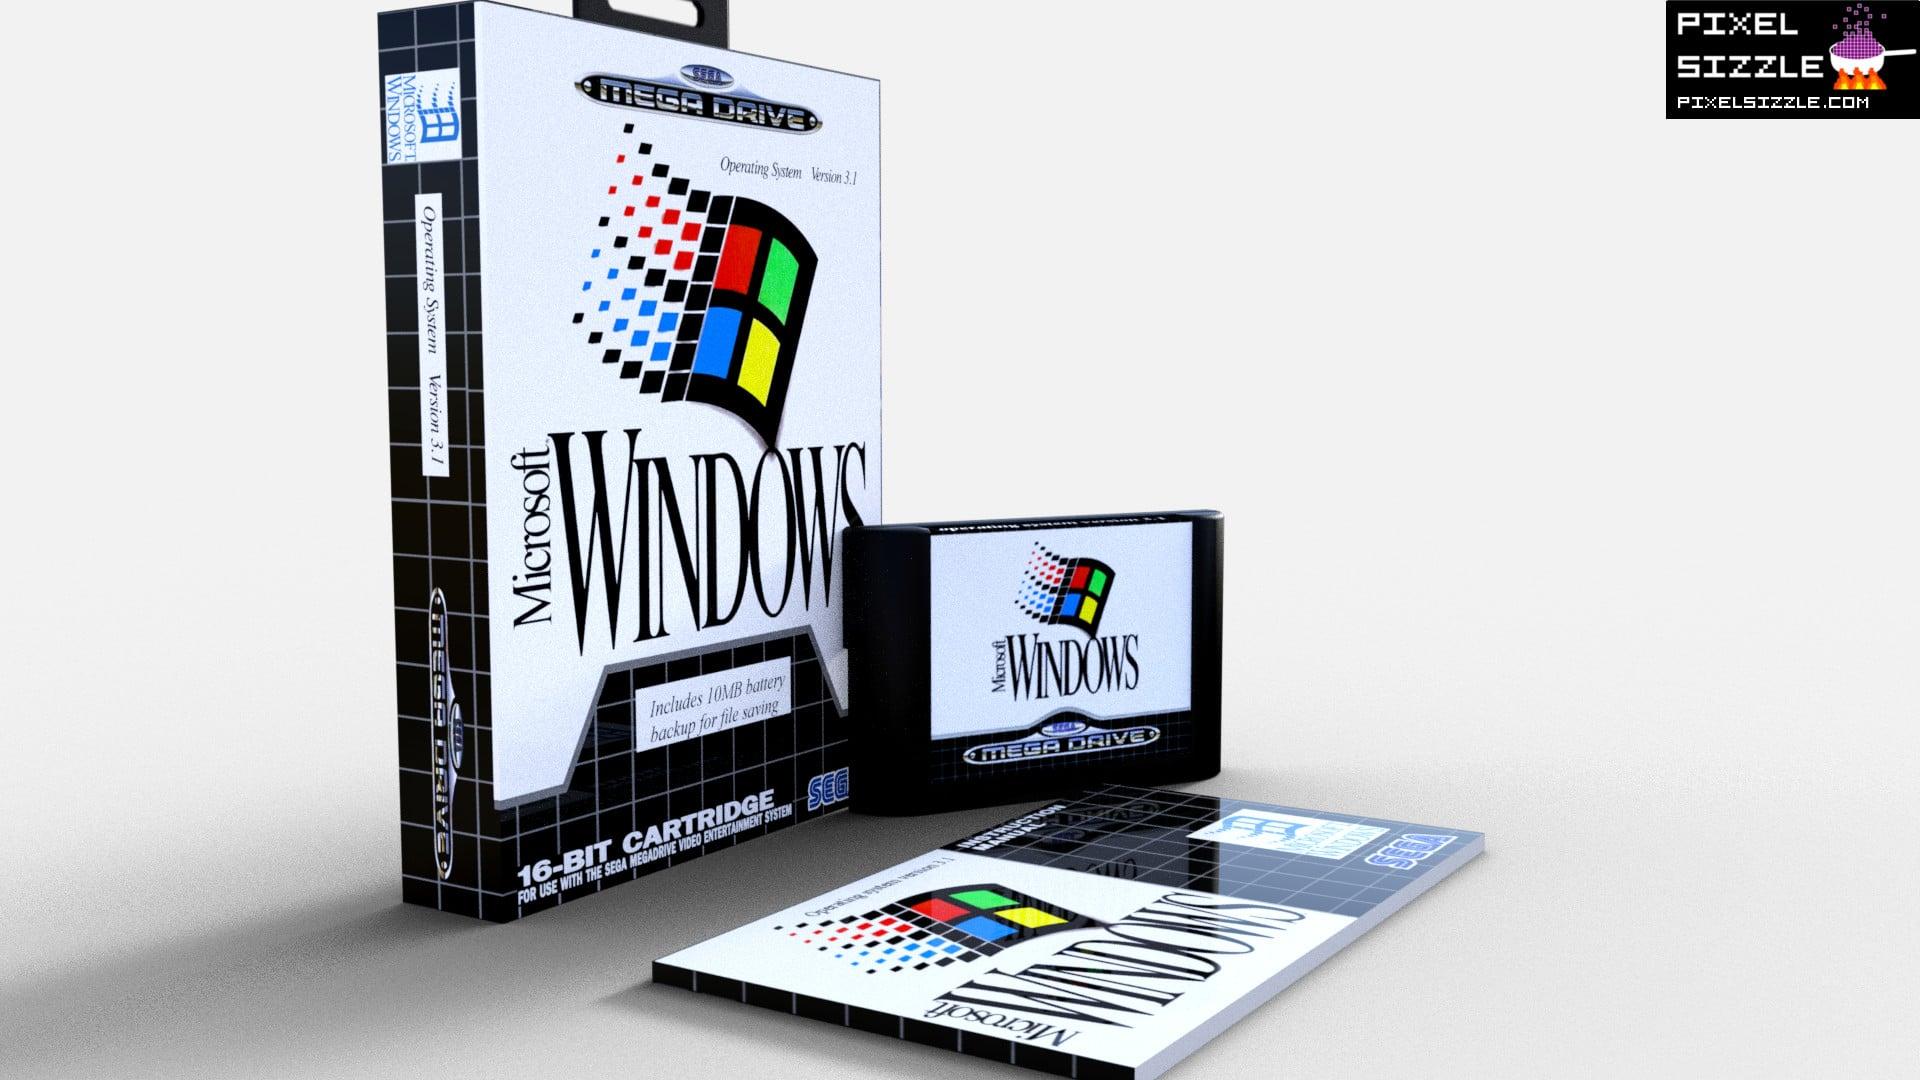 Retro Game Reviews. Windows. Sega Genesis. Sega Megadrive